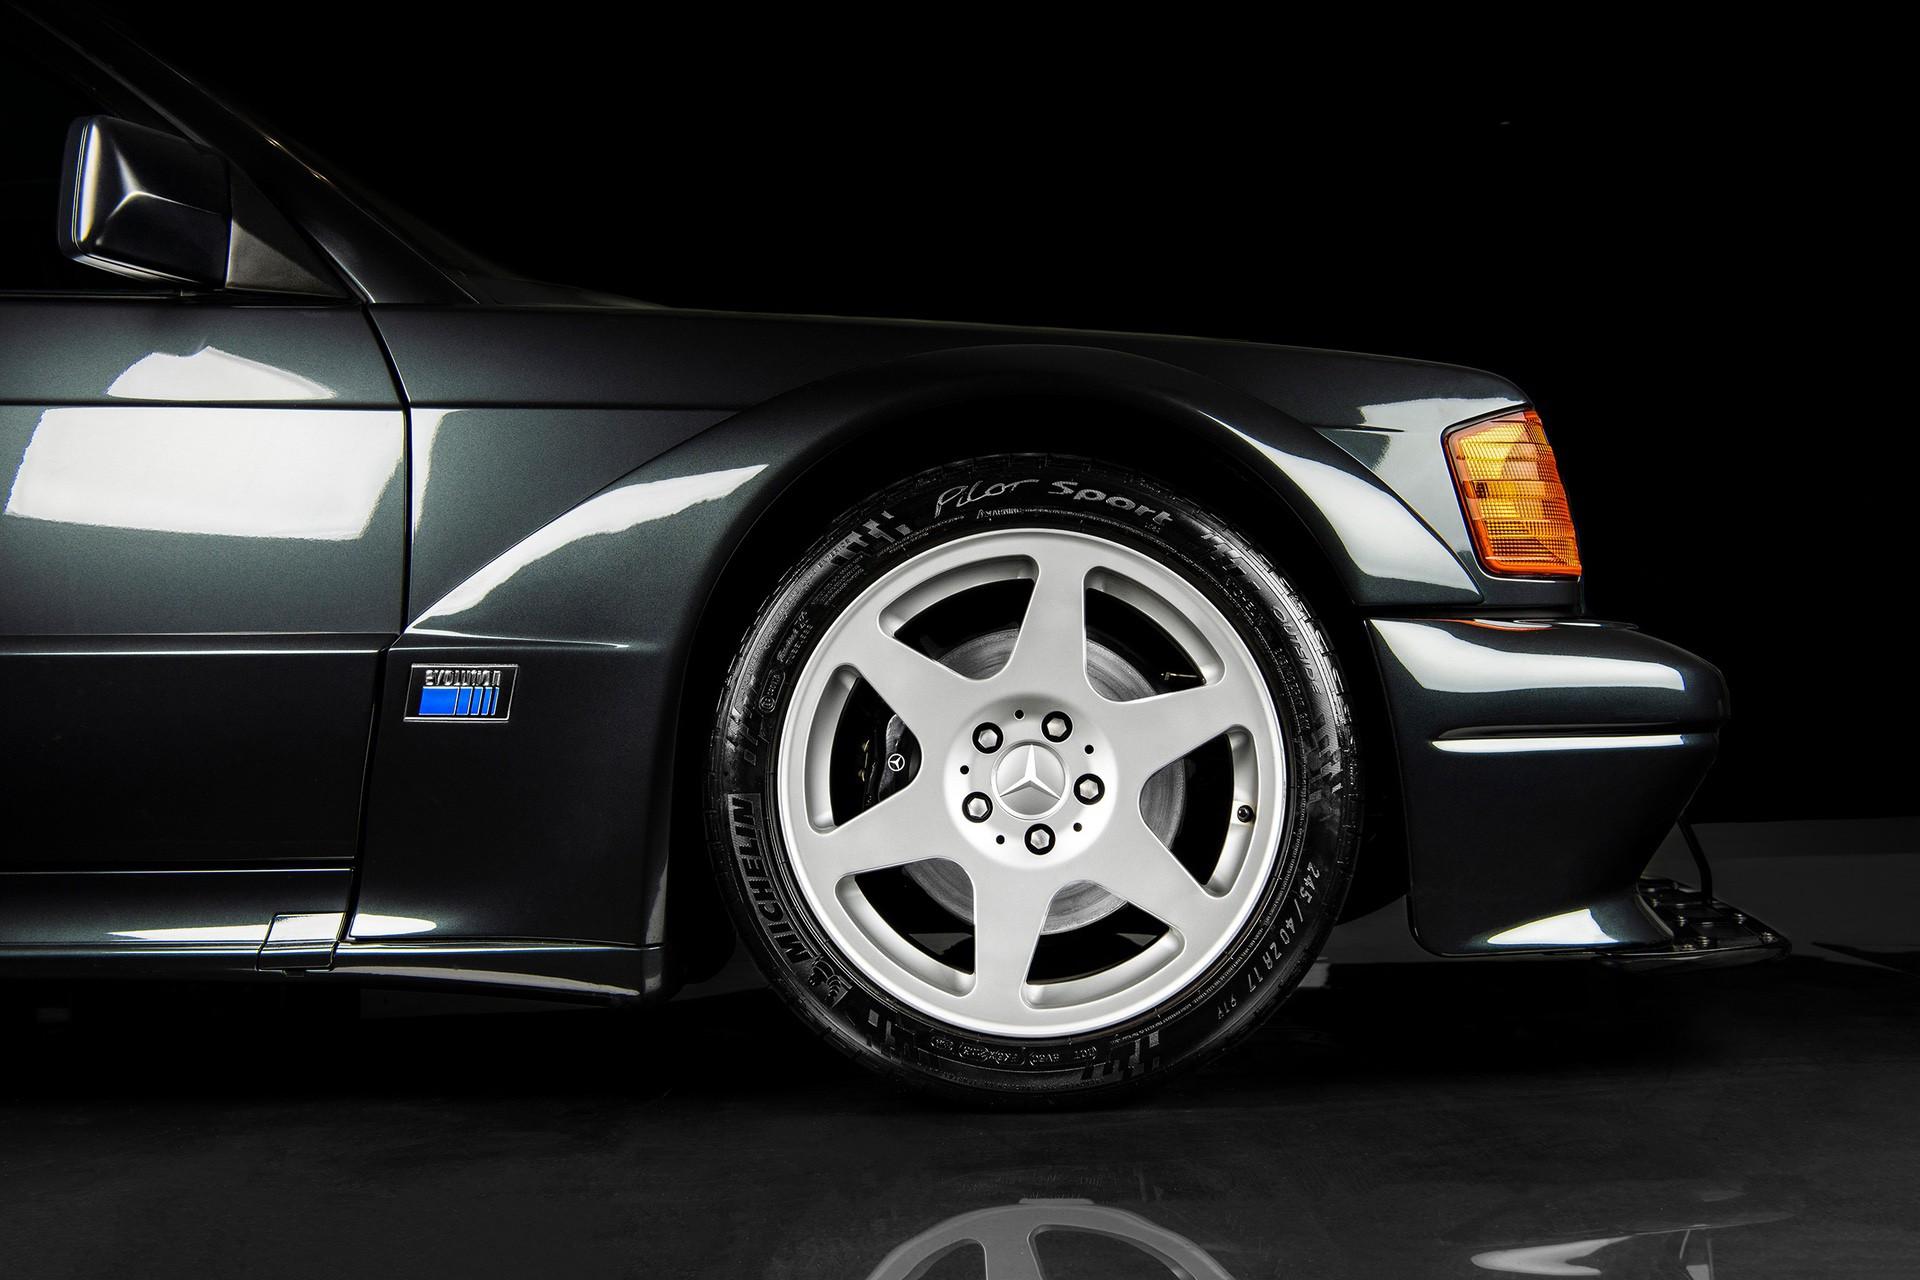 1990_Mercedes_Benz_190E_25-16_Evolution_II_sales_0013